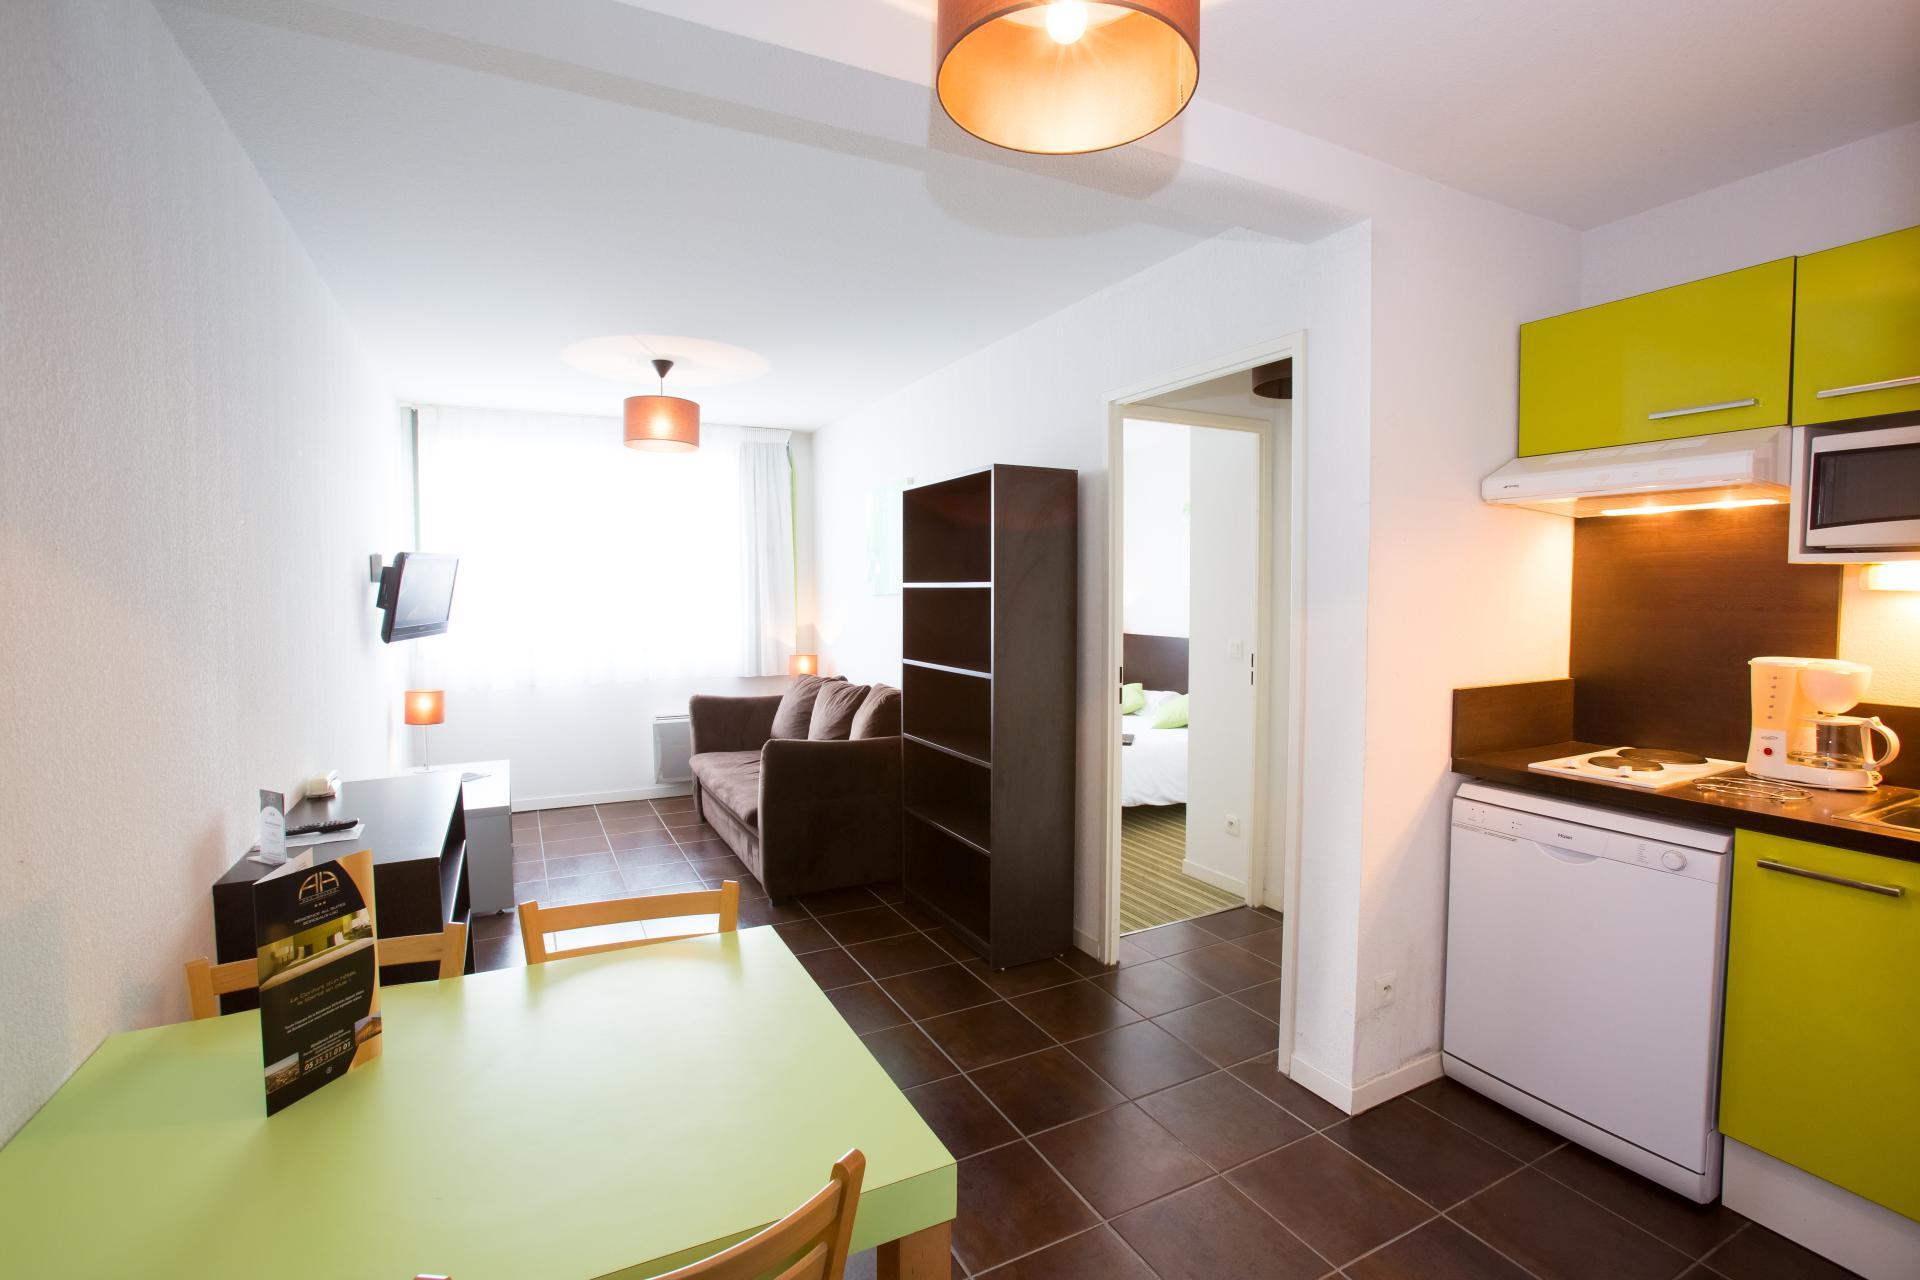 Acheter un appartement : intéressant économiquement